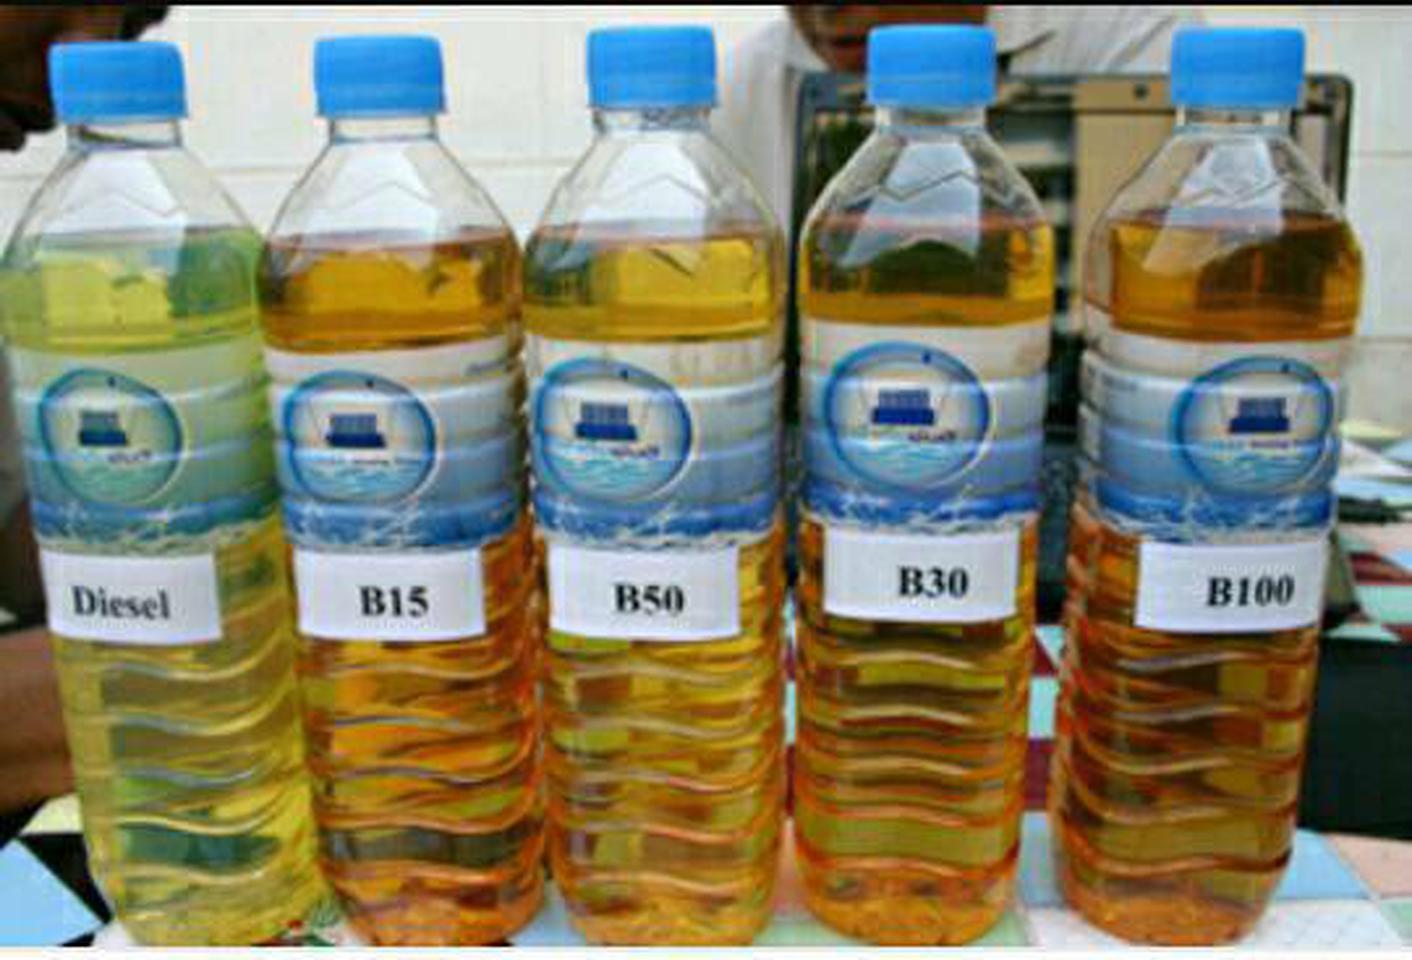 รับซื้อขายประมูลน้ำมันเก่าทุกชนิด รูปที่ 1